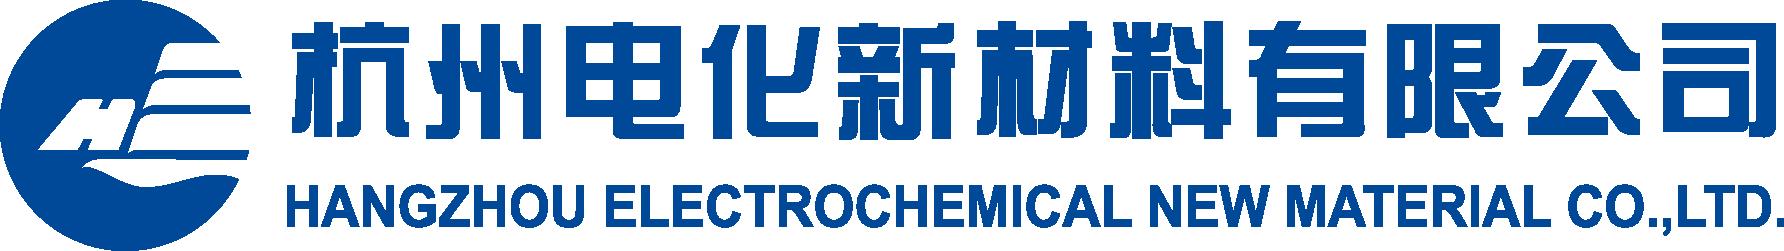 新材料Logo